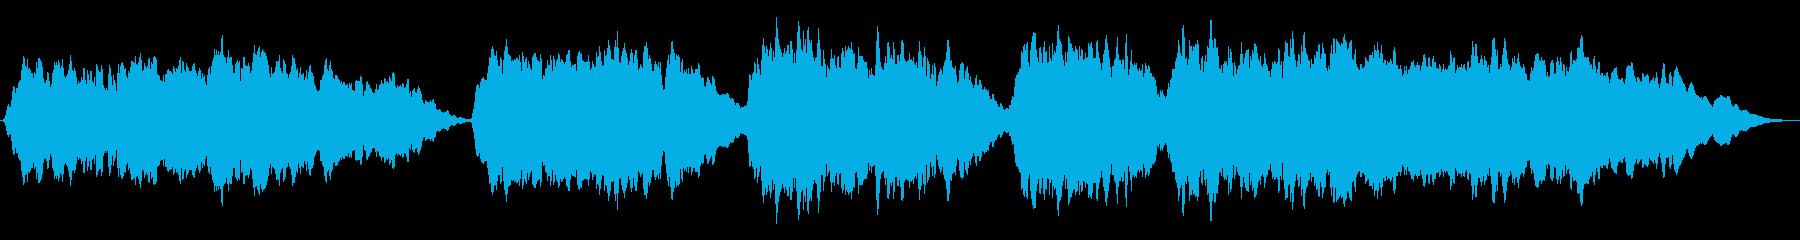 【アンビエント】オーロラ、幻想的な曲の再生済みの波形